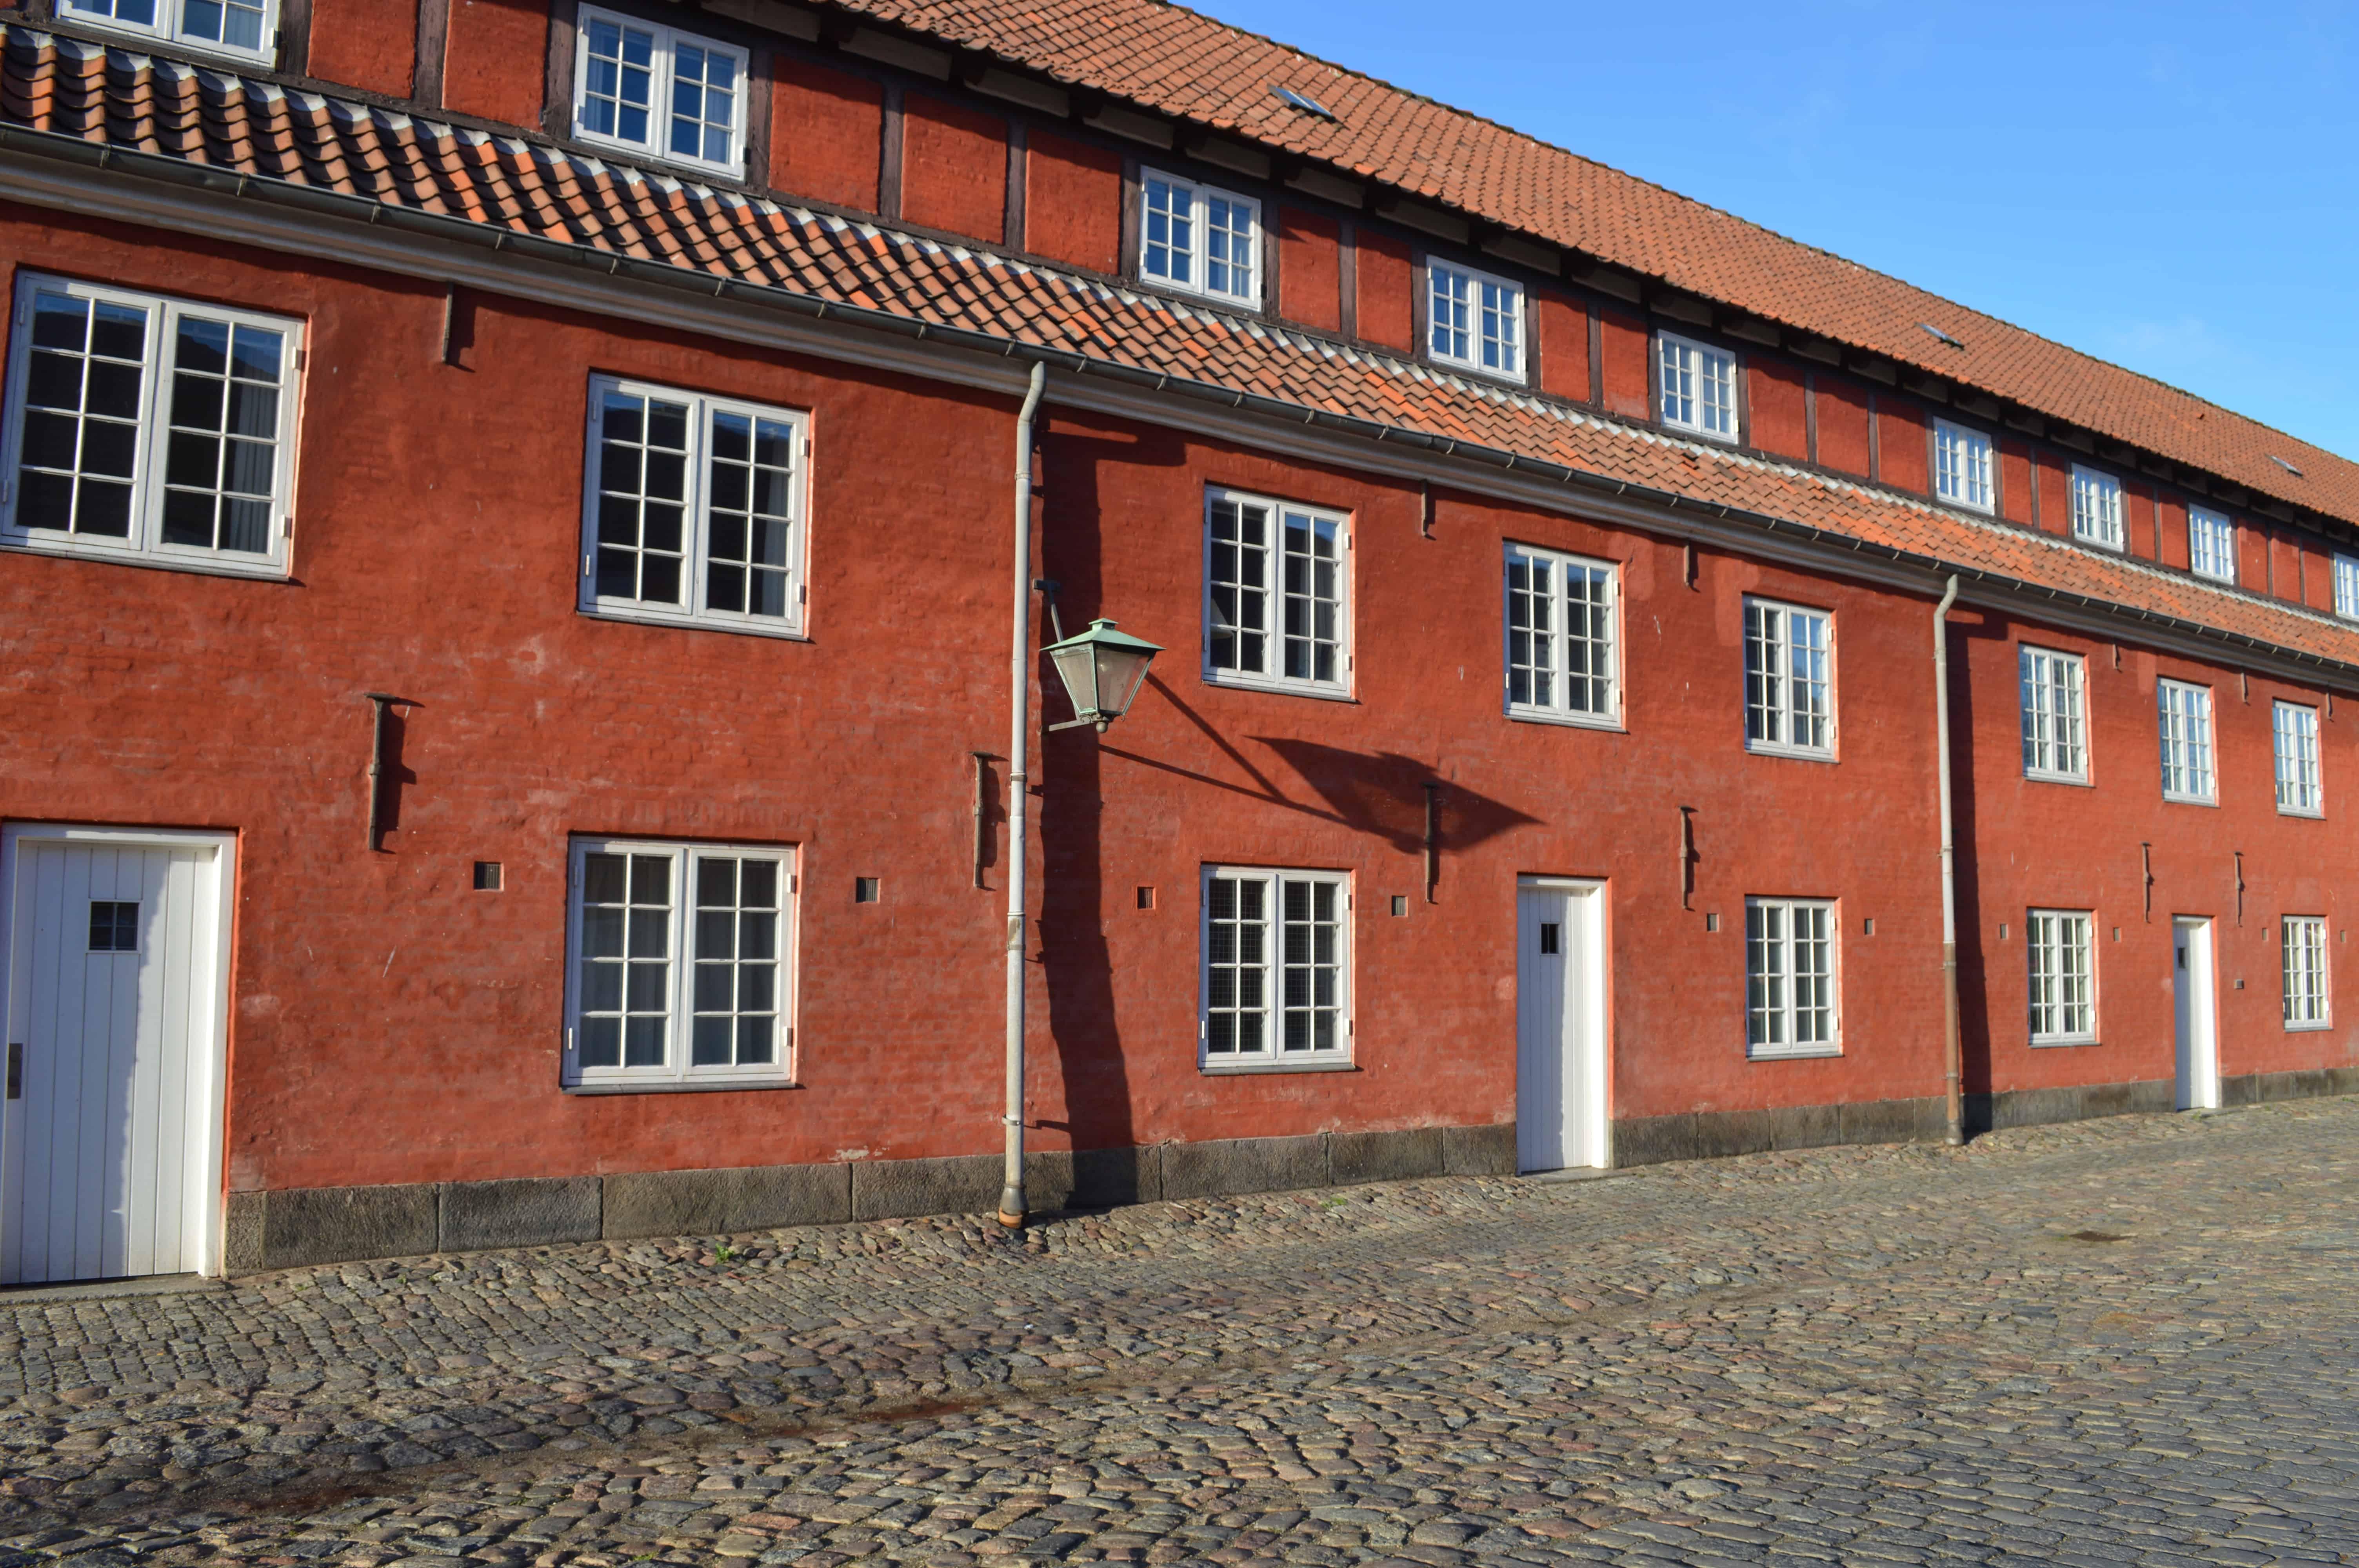 Woningen Kastellet -Kopenhagen - HappyHikers